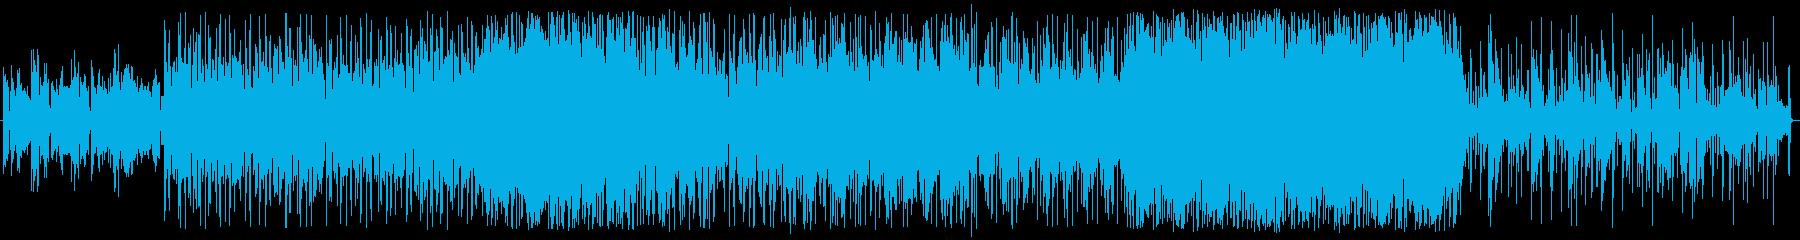 ゆったりとした、ゆったりとした、冷...の再生済みの波形